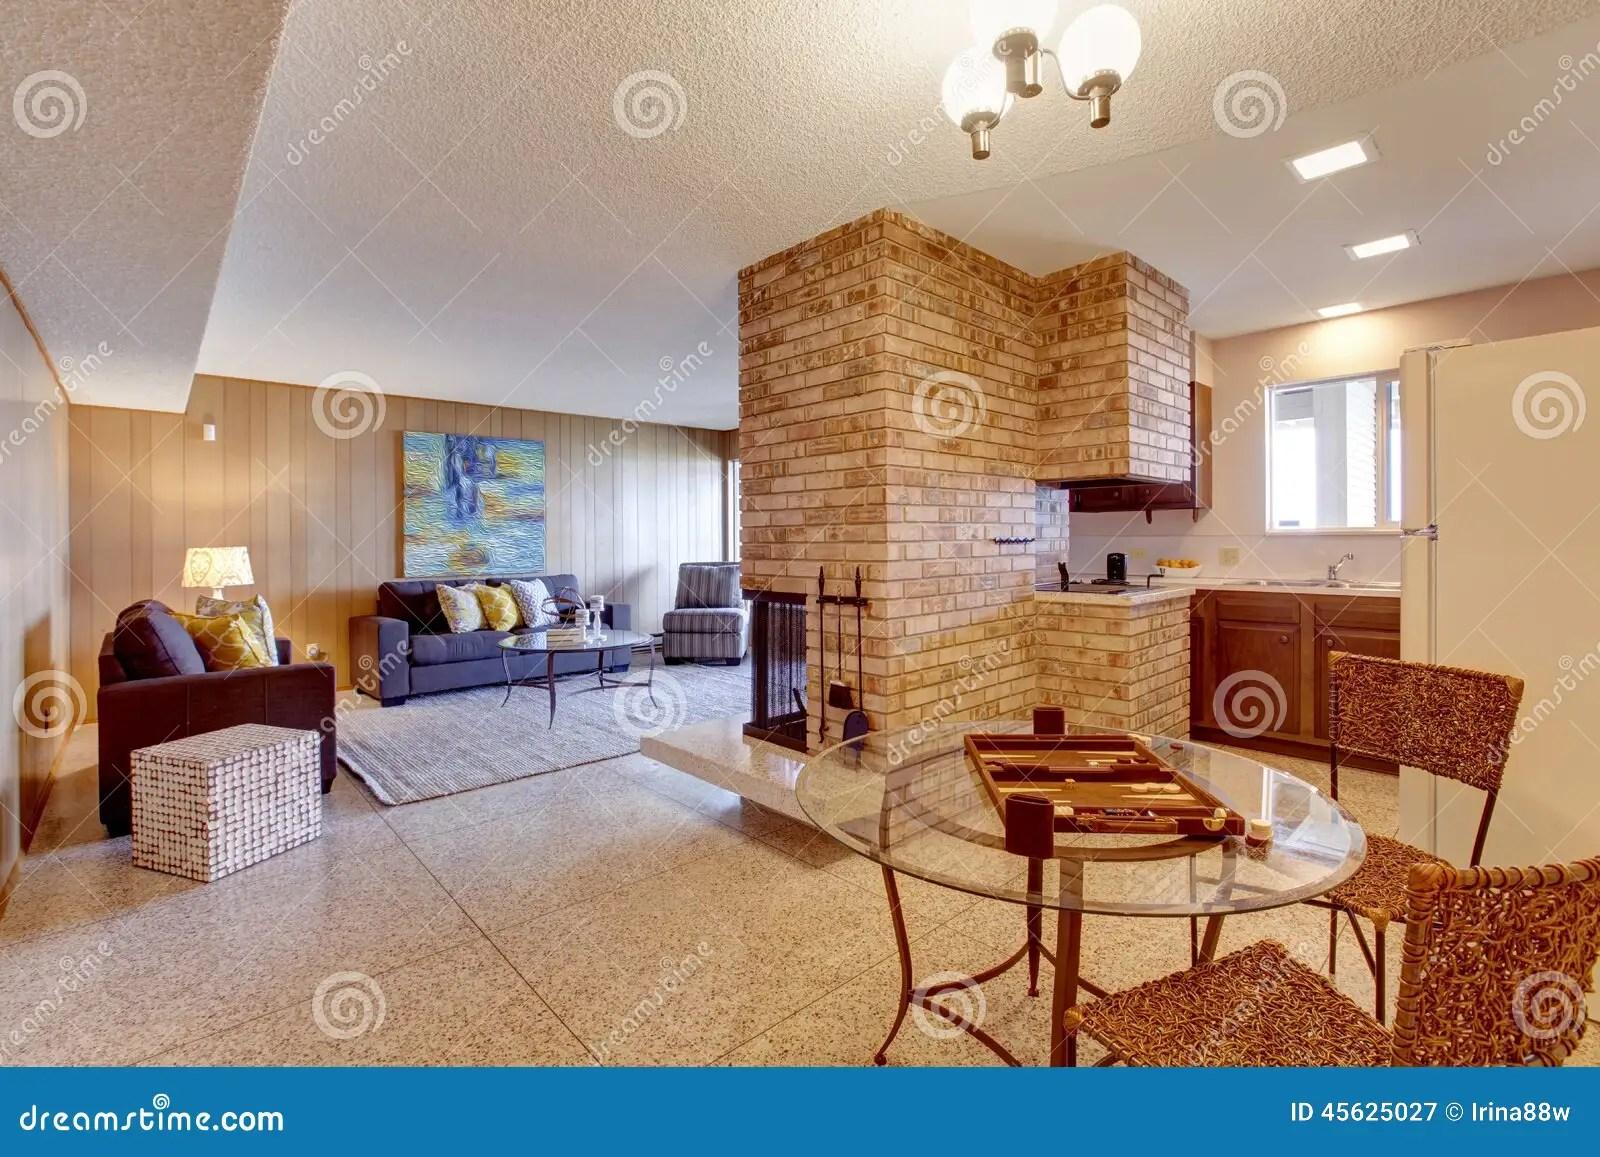 basement open floor plan living room dining kitchen ar stock kitchen bath open floor plan kitchen open floor plan